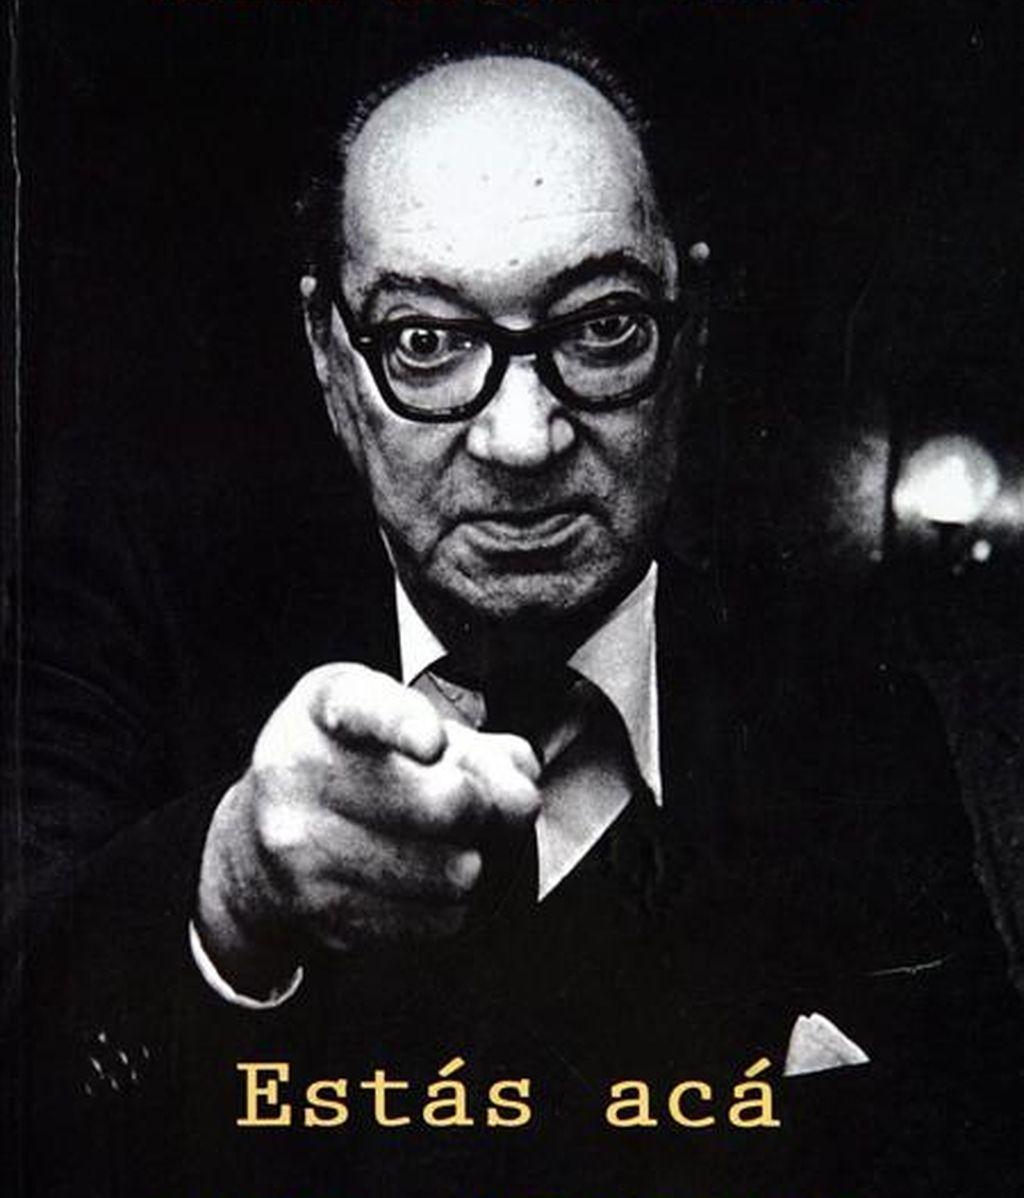 """Fotografía de la portada del libro """"Estás acá para creerme"""", de María Esther Gilio, sobre la vida del escritor uruguayo Juan Carlos Onetti. EFE/Archivo"""